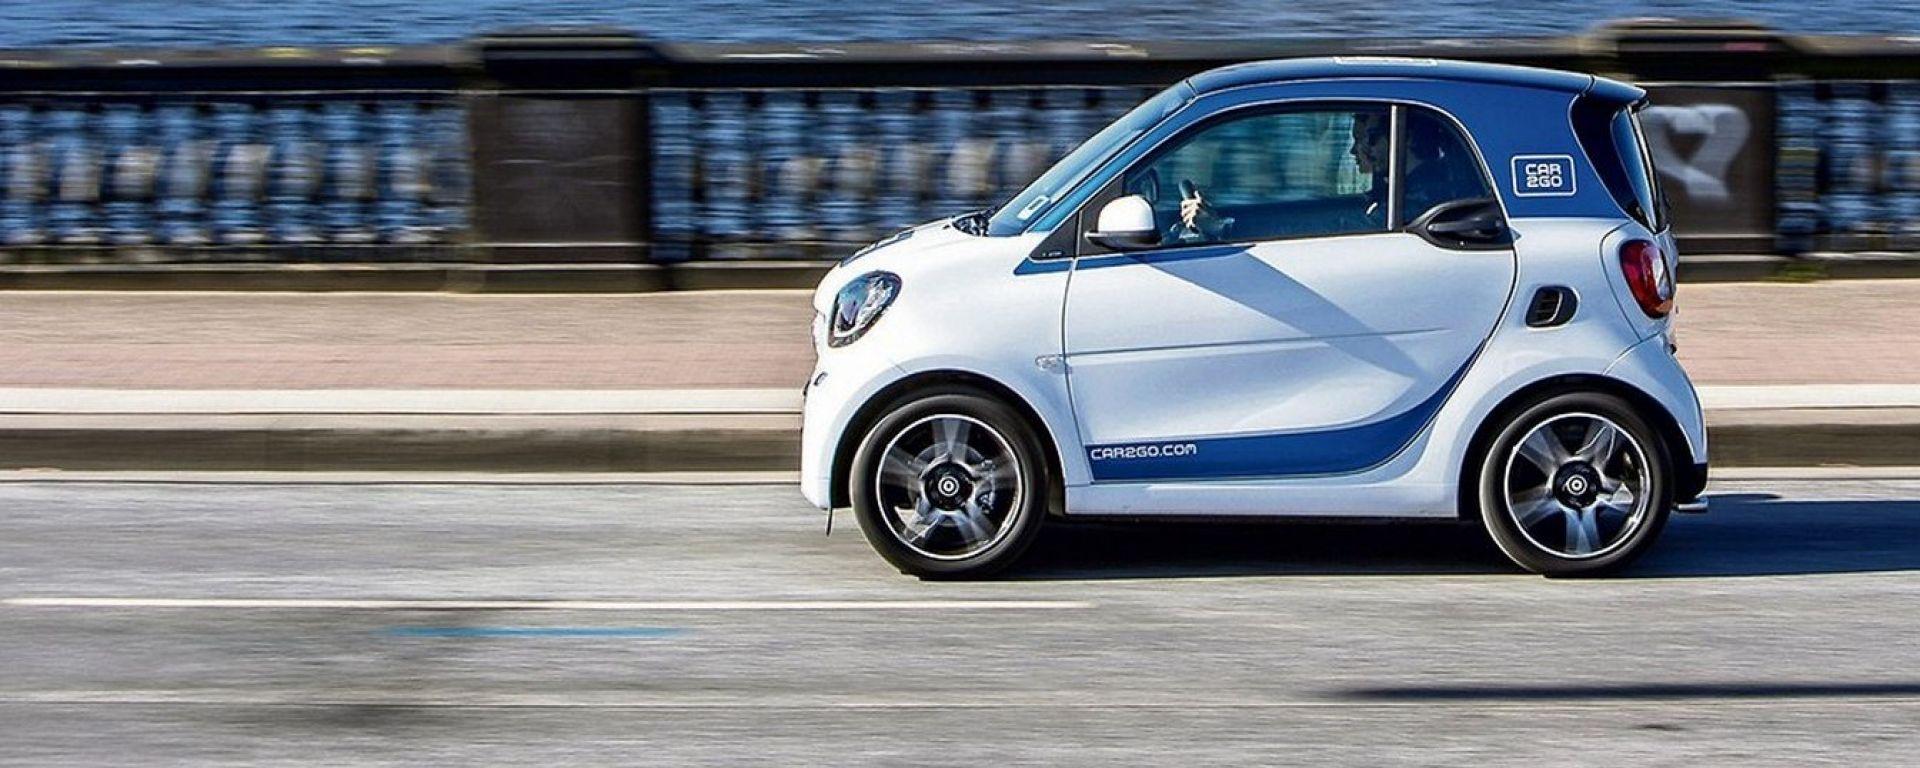 car sharing elettrico, banco di prova per la mobilità del futuro